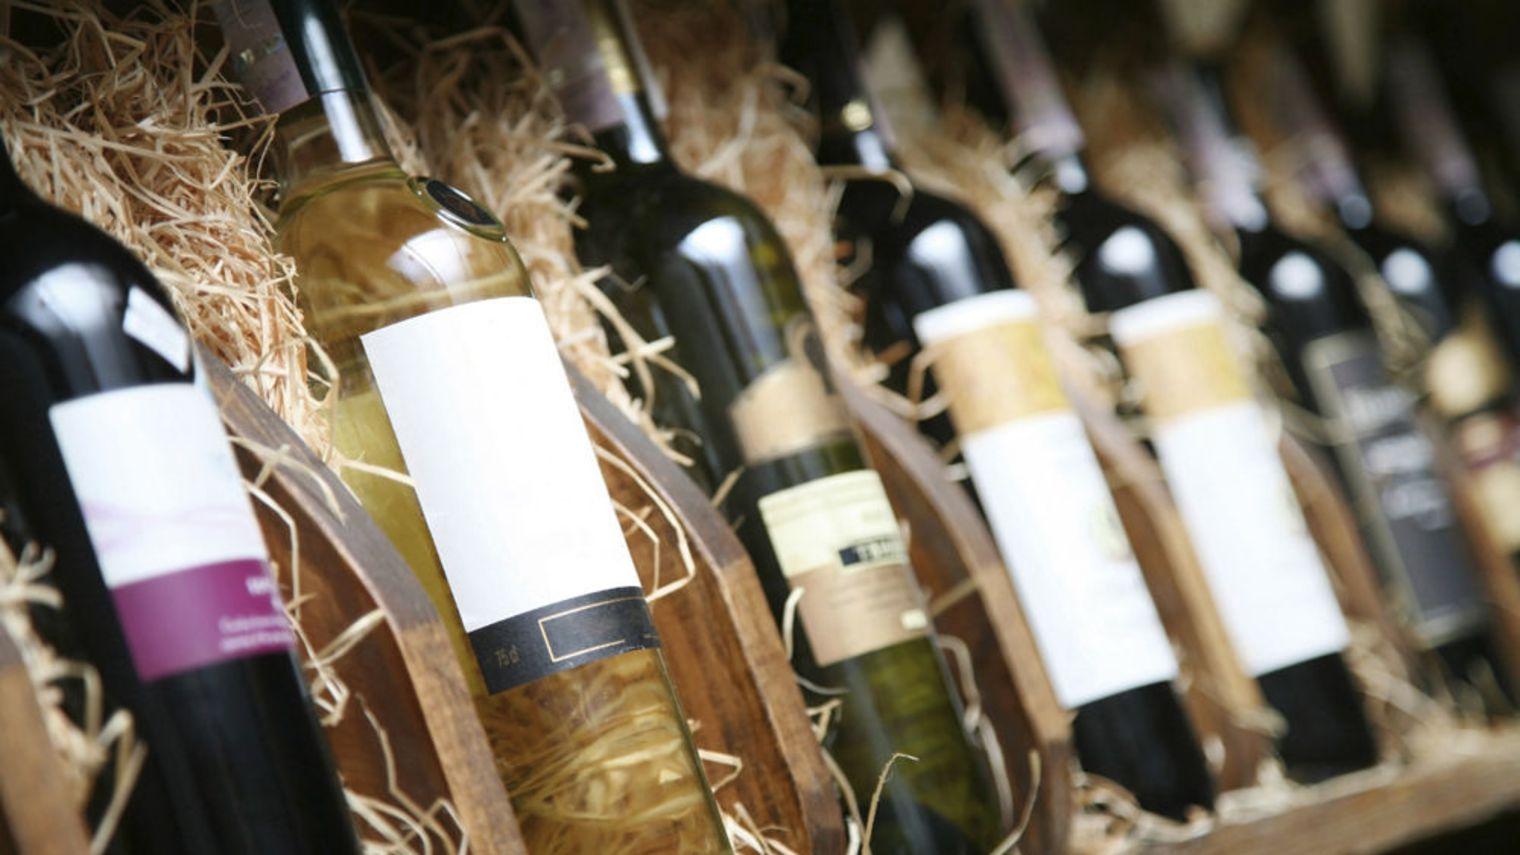 Achat vin, je découvre de nouvelles saveurs en ligne